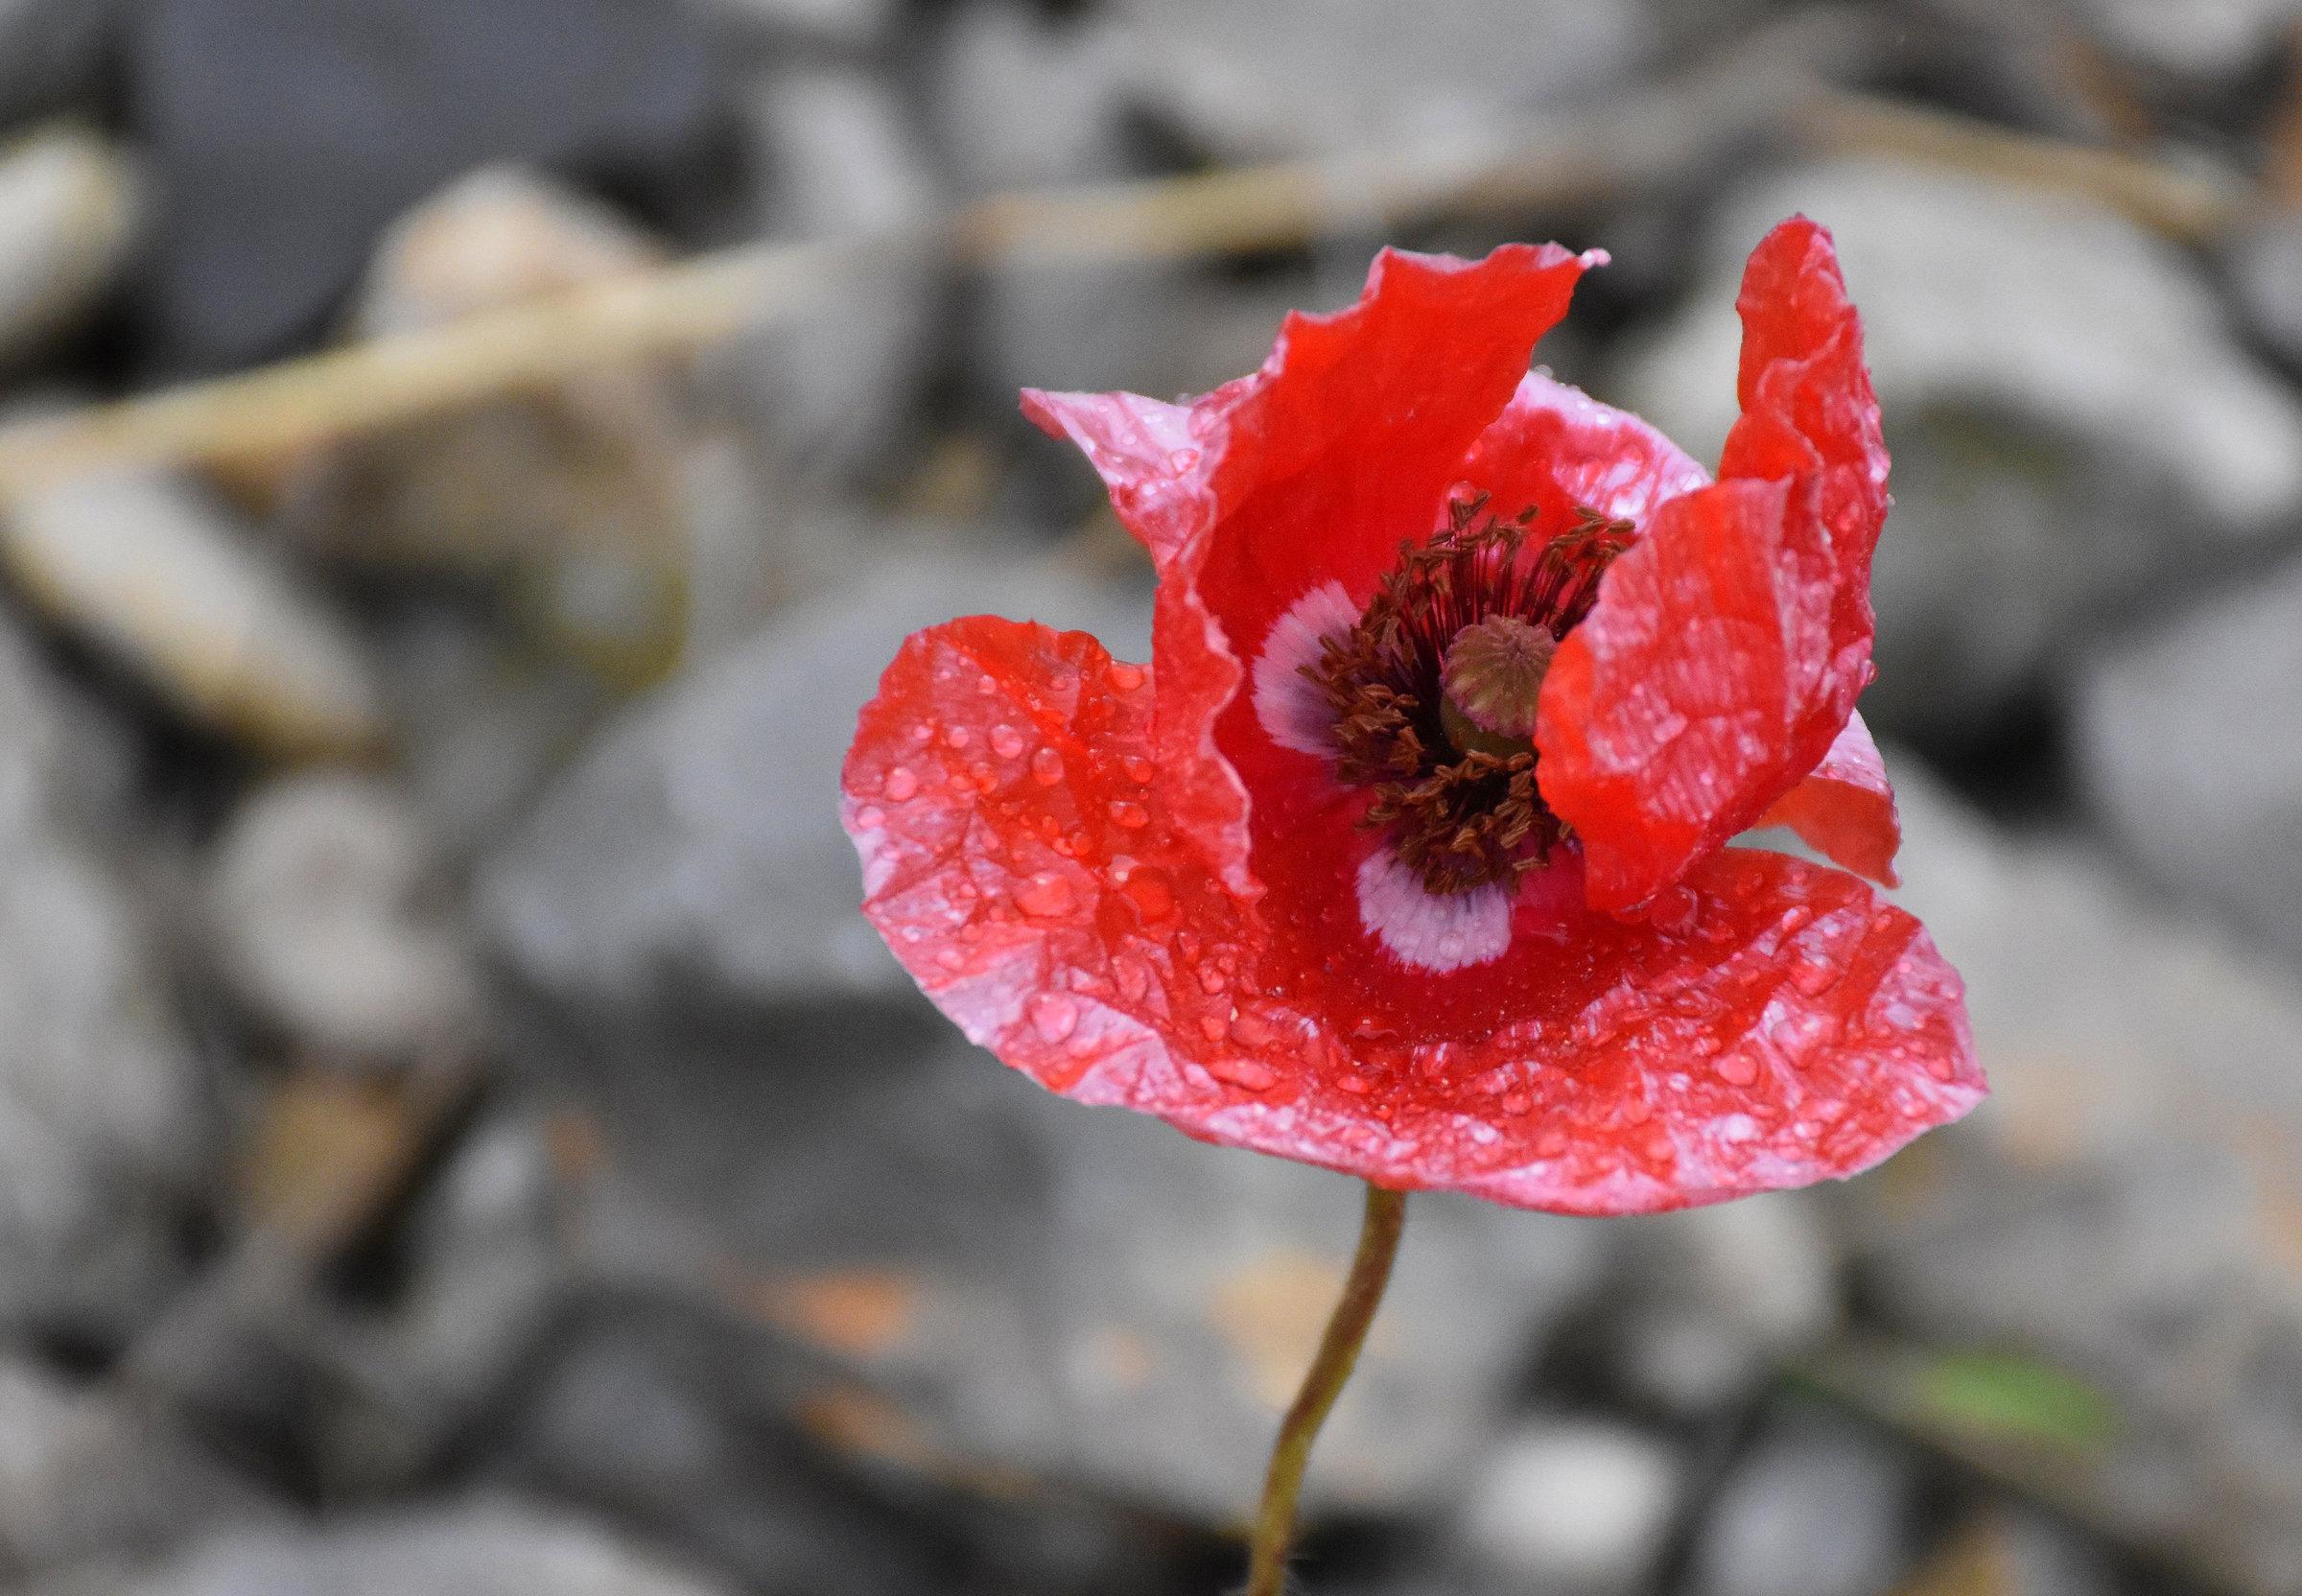 Cvetka Avguštin - Zakaj